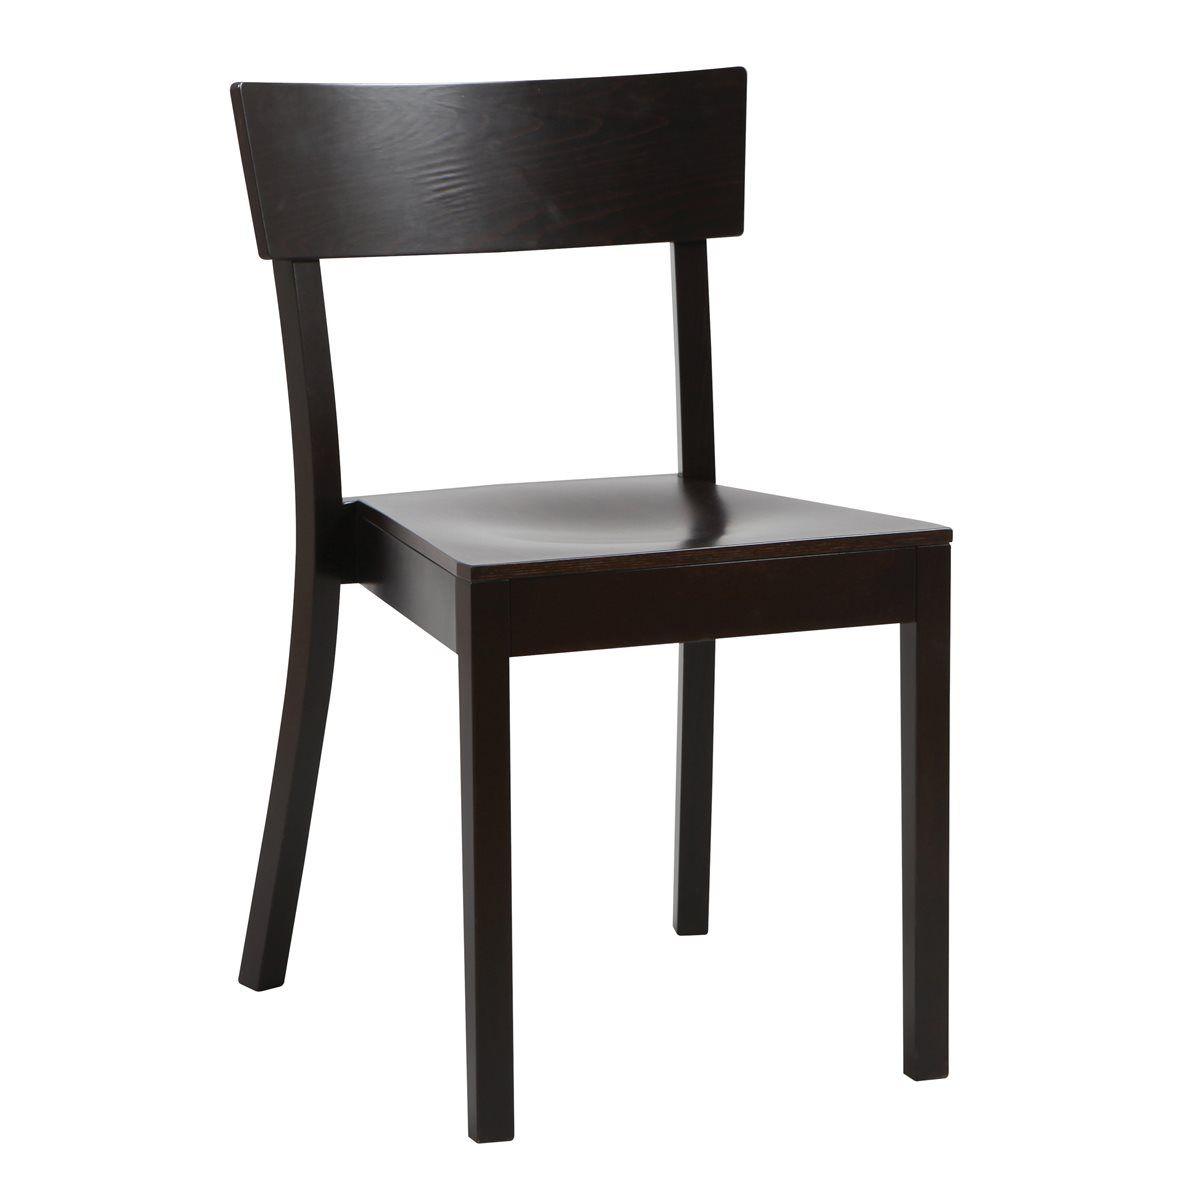 Stuhl Bergamo Ton A S Von Menschen Gefertigte Stuhle Restaurant Stuhle Esszimmerstuhle Stuhle